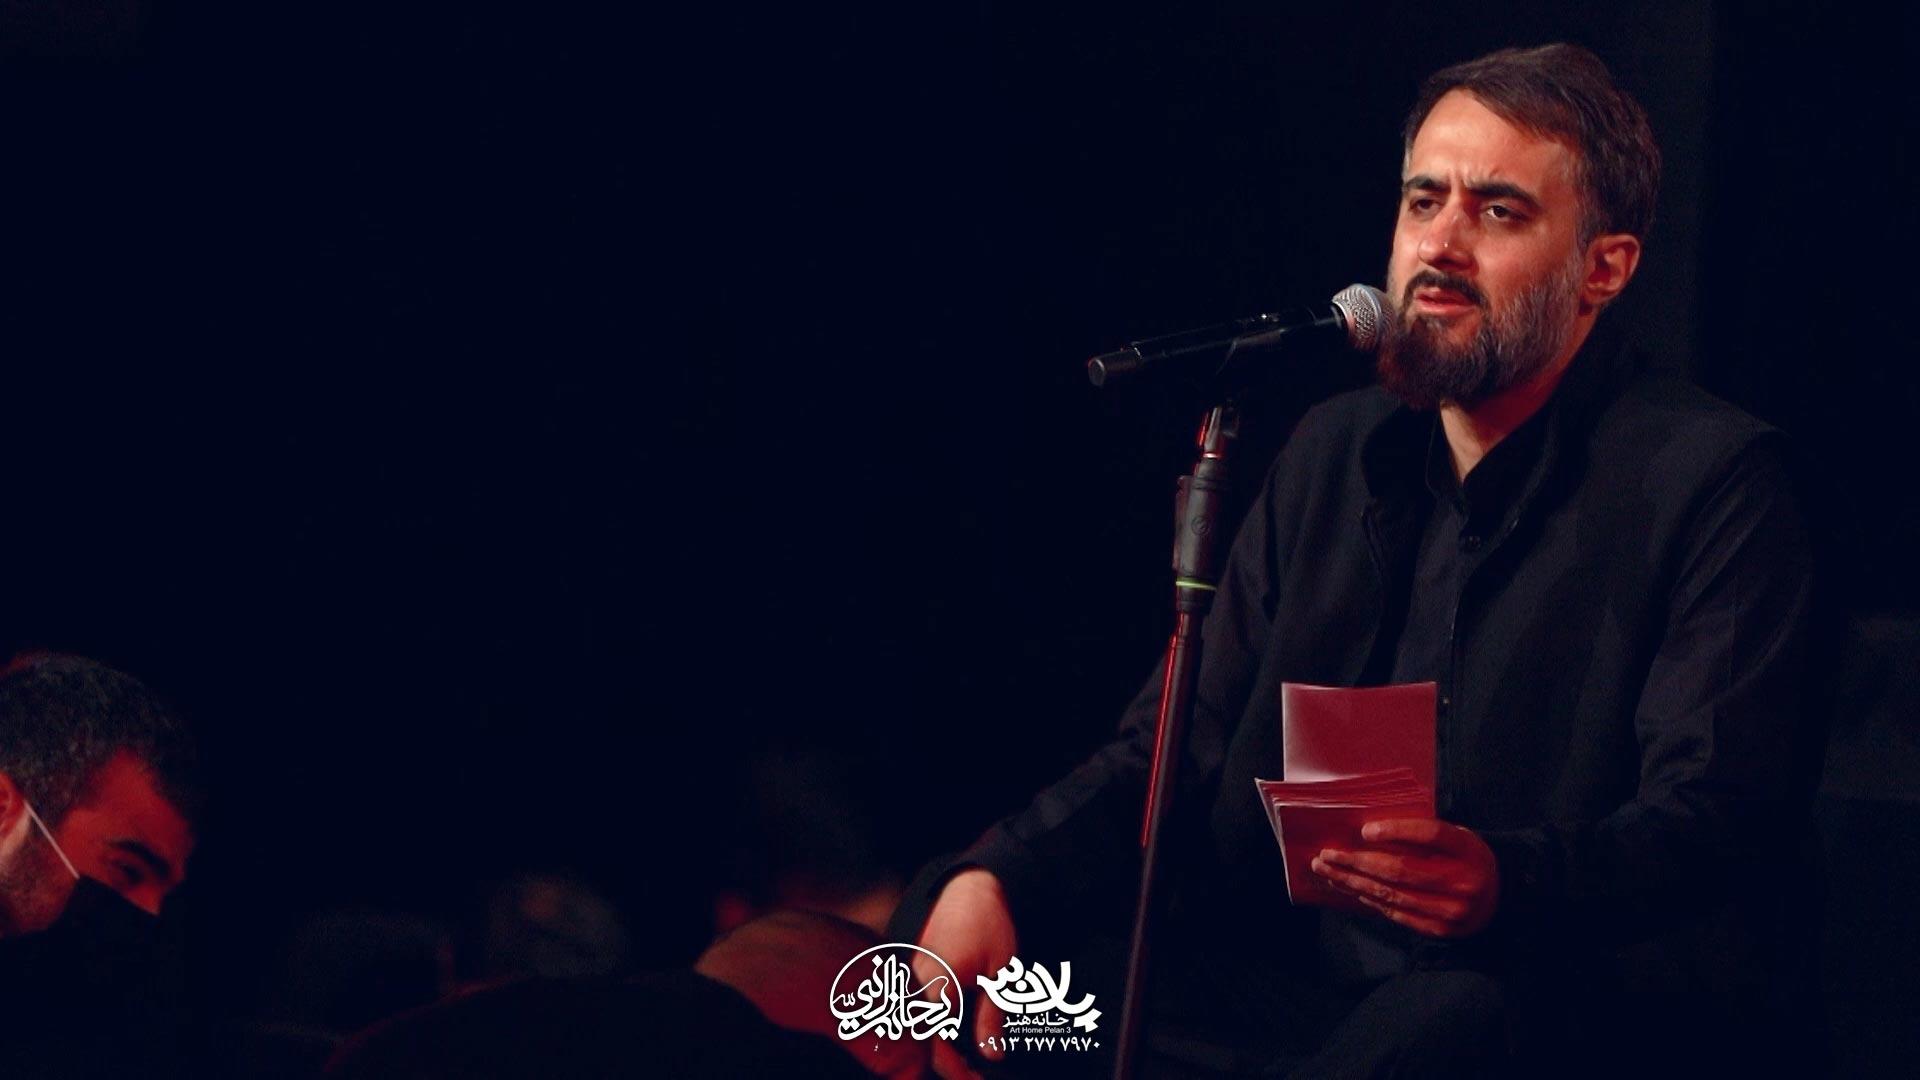 نتاب امشب محمدحسین پویانفر